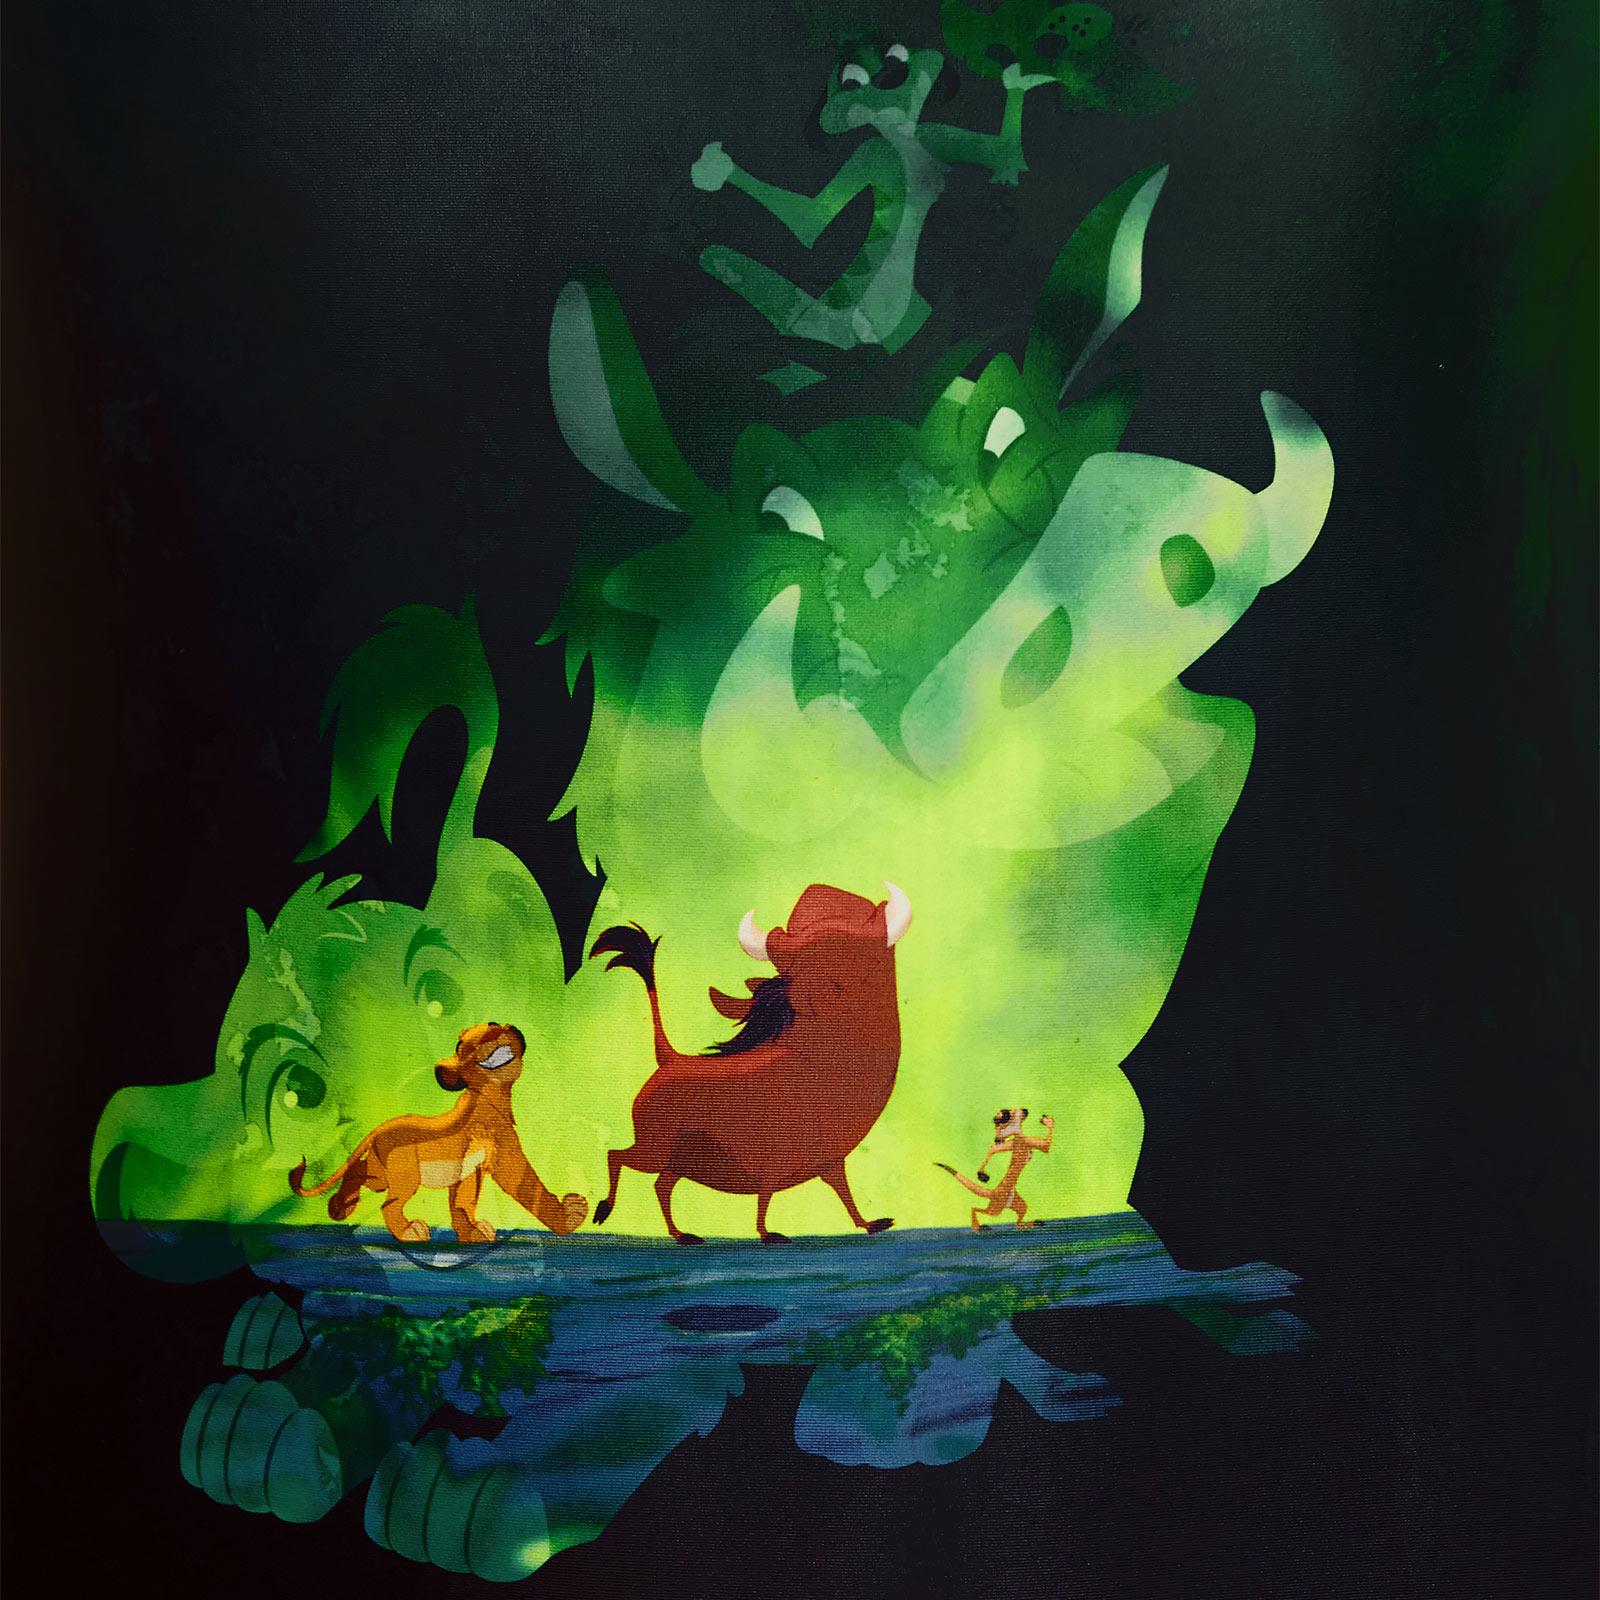 König der Löwen - Green Jungle Badeanzug